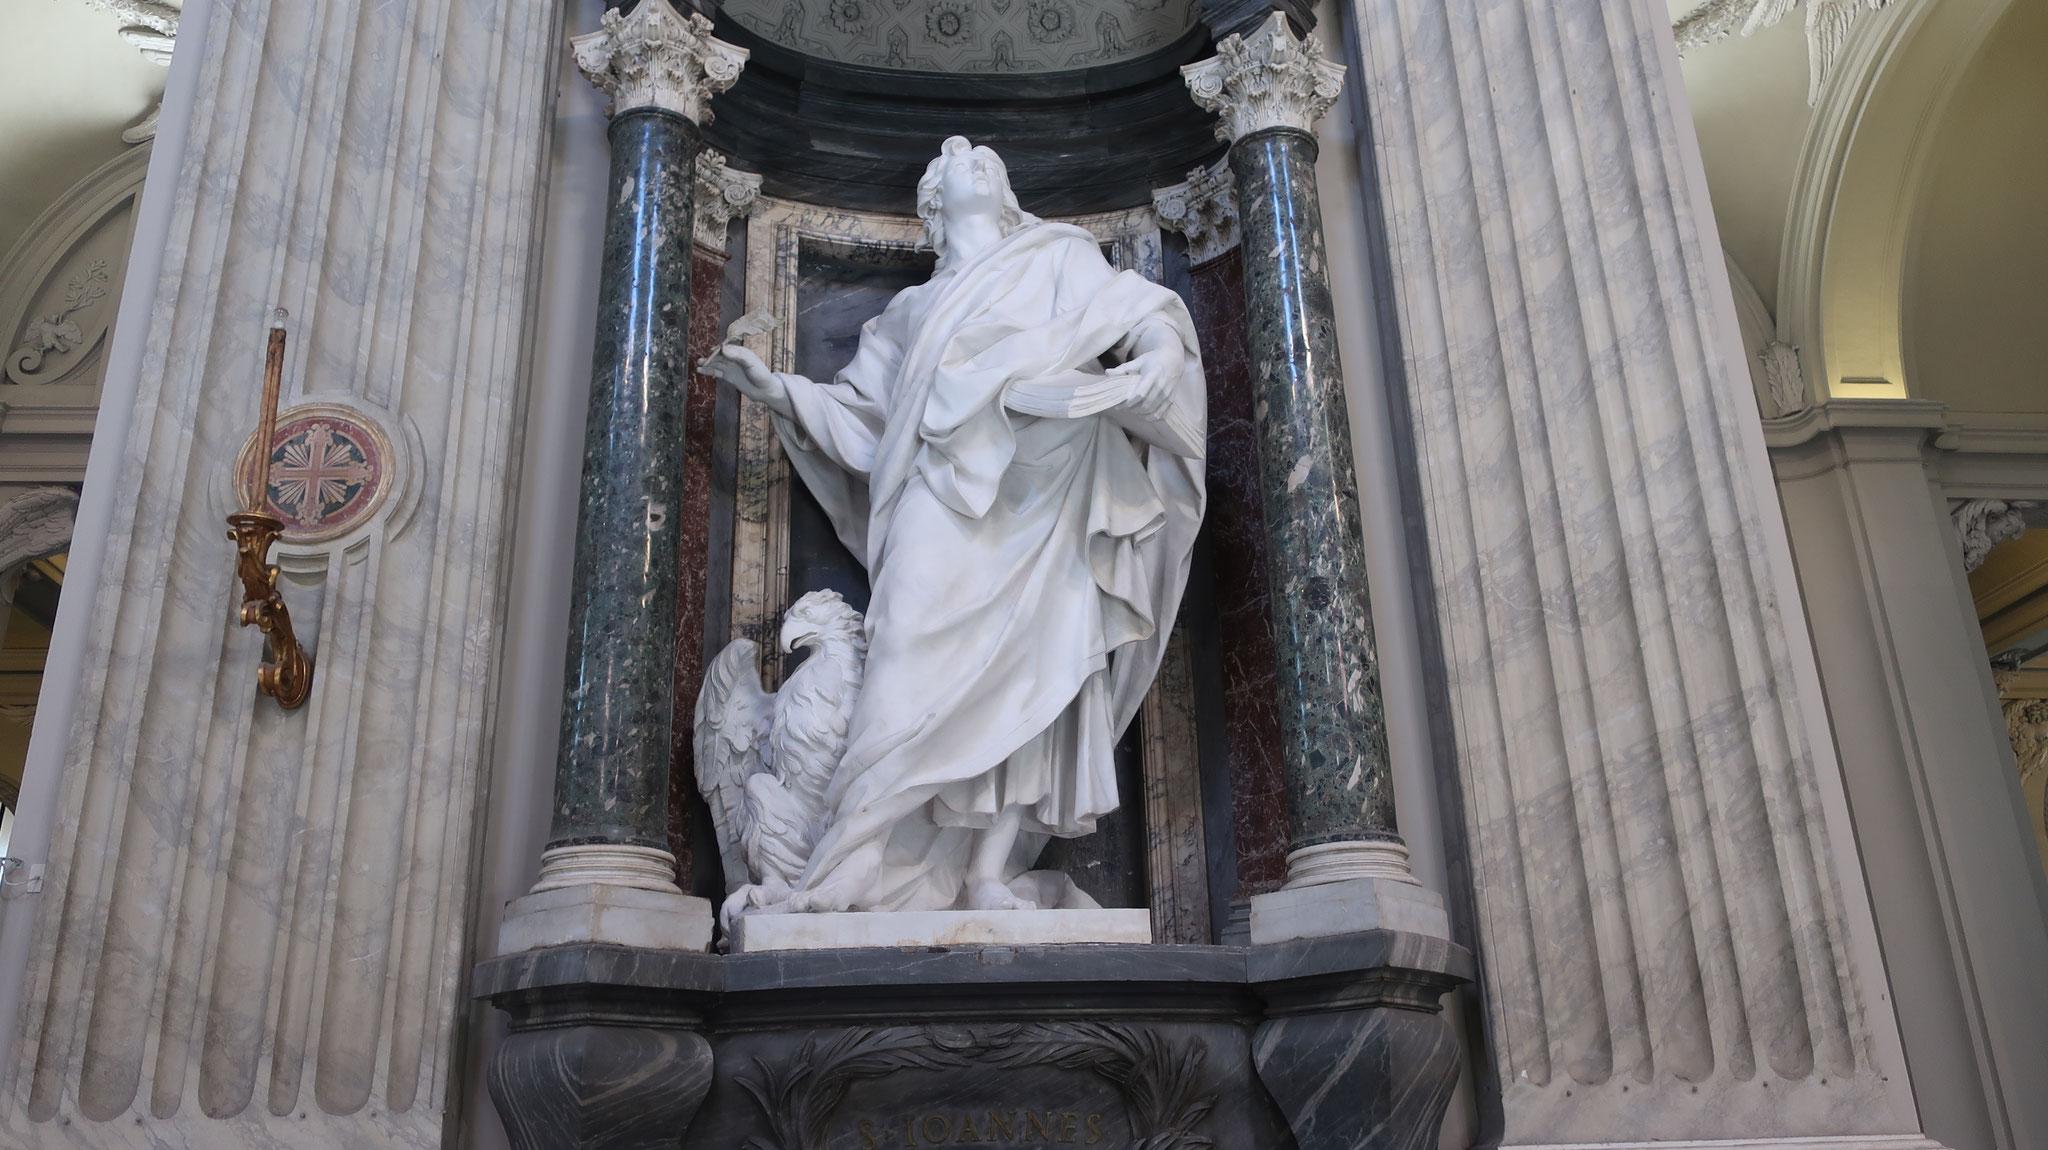 使徒ヨハネ。洗礼者ヨハネと区別するために、こう呼びます。鷲は彼のシンボルです。